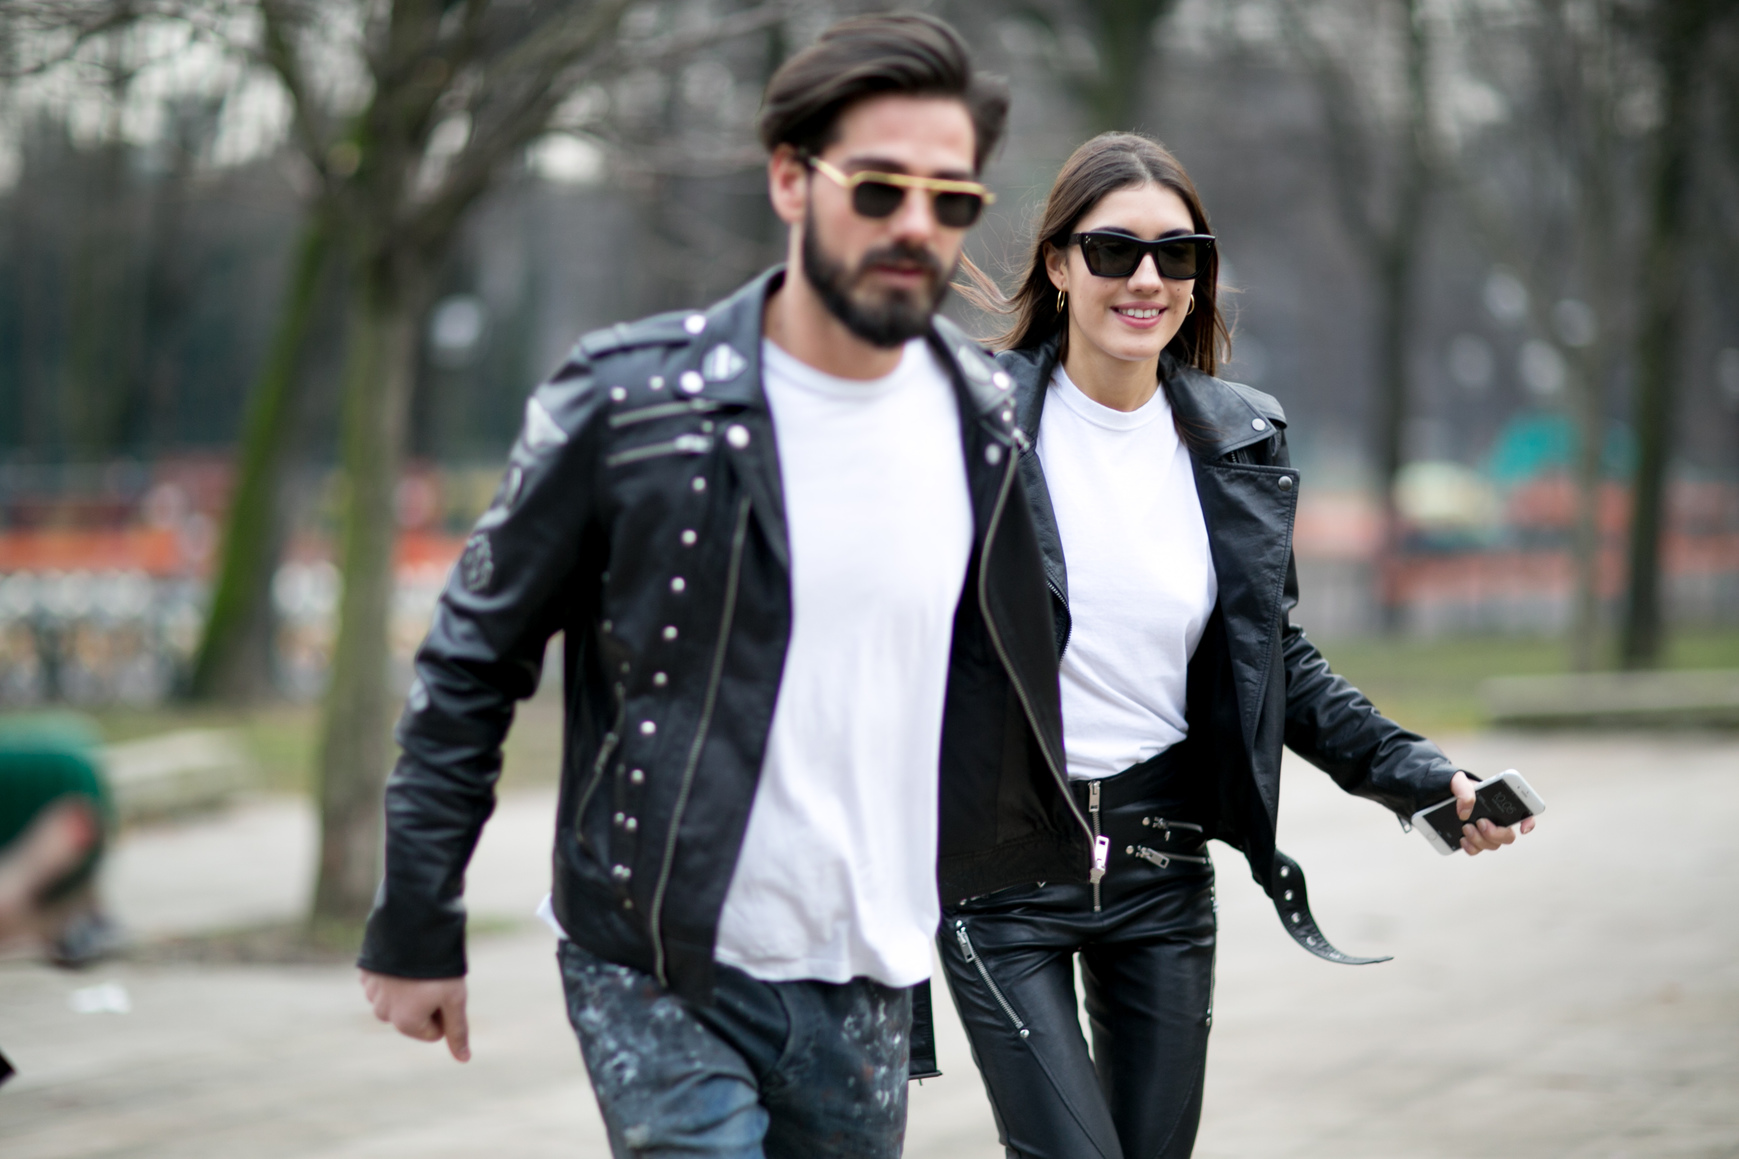 Μαύρο Biker Jacket: Δες πώς να φορέσεις το πιο κλασικό στυλ μπουφάν